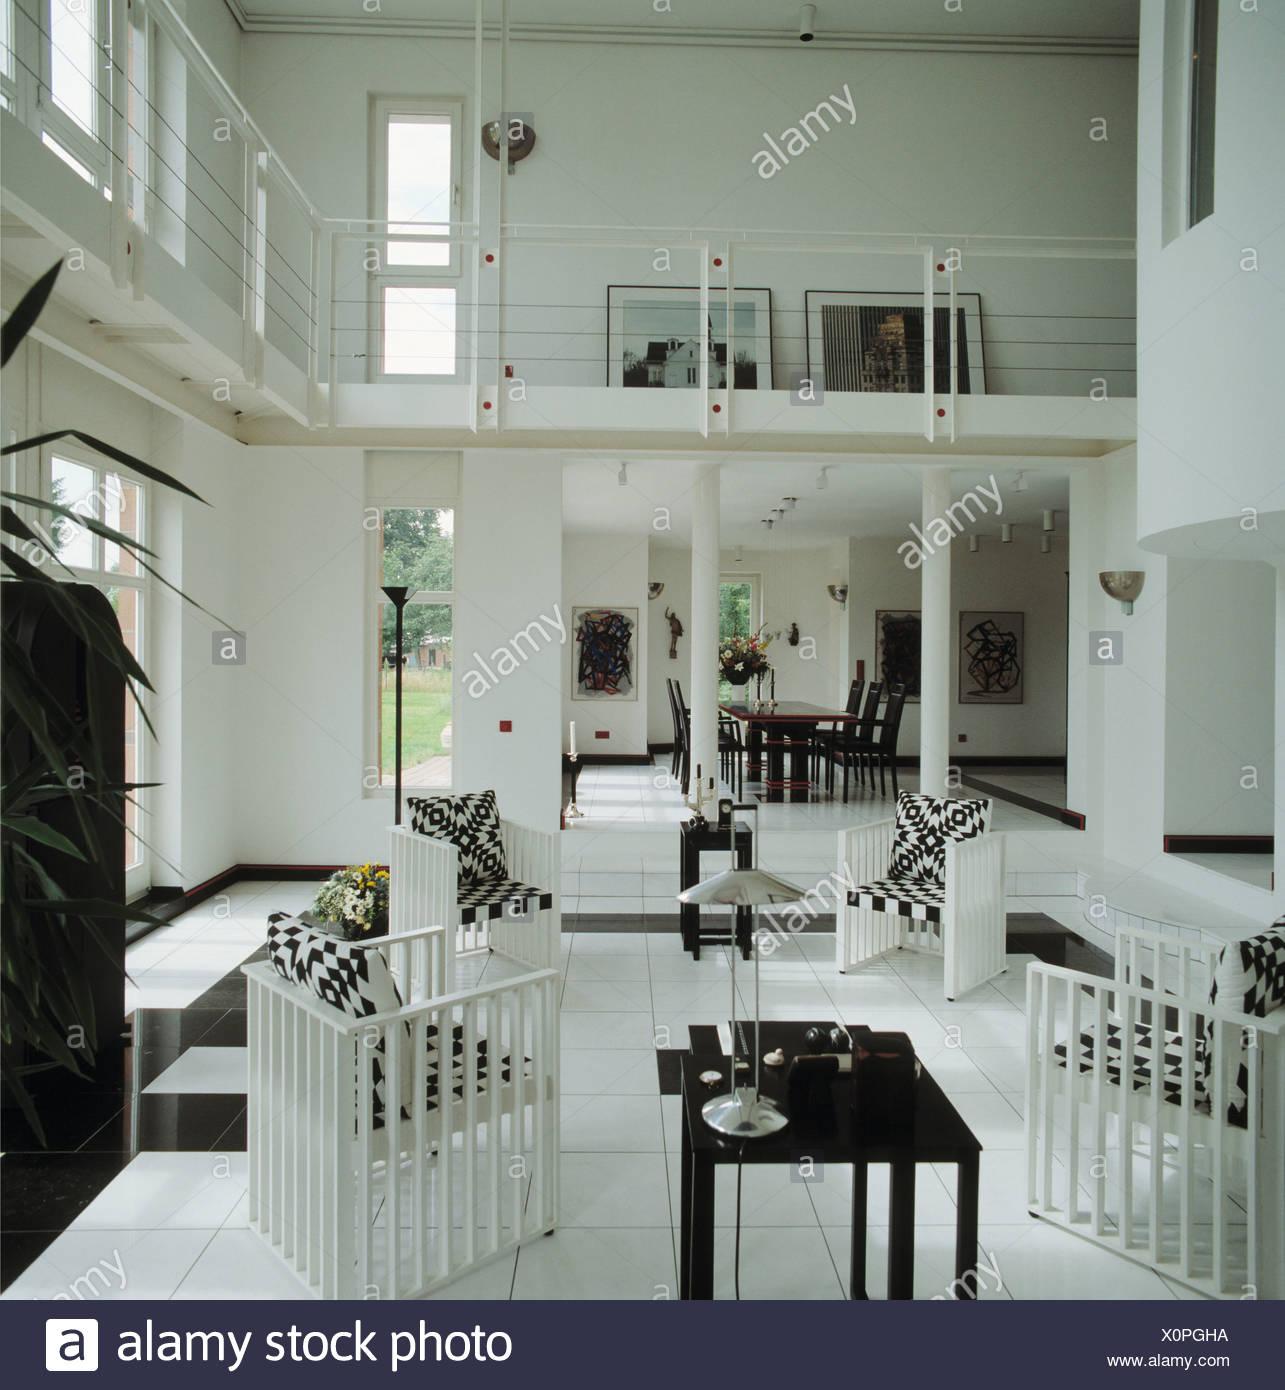 Schwarz / Weiß Kissen Auf Weißen Stühlen In Doppelter Höhe Moderne Offene  Wohnzimmer Mit Galerie Und Weißen Fliesenboden